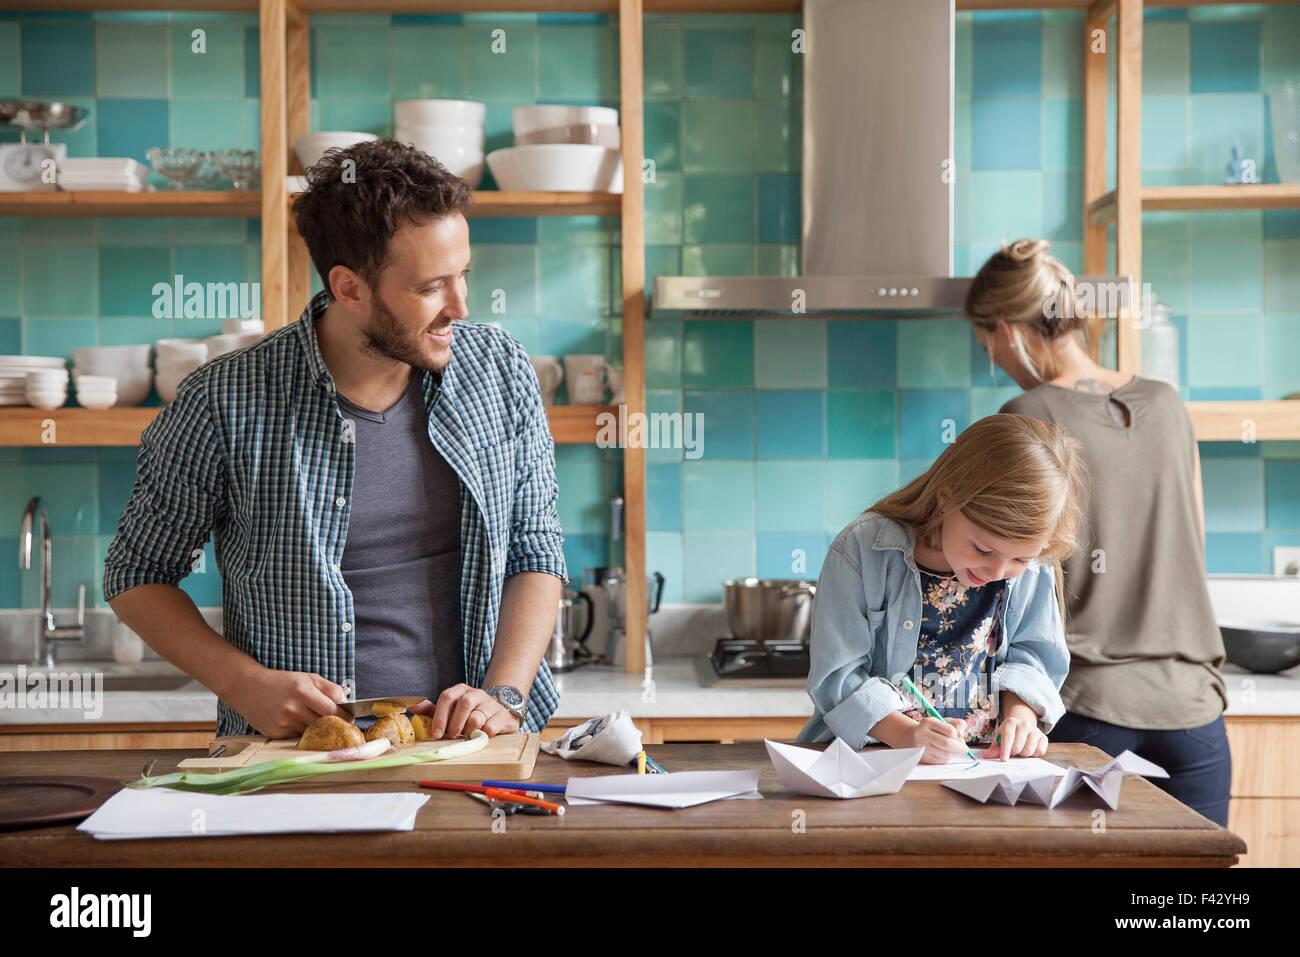 Dibujo joven hija ar cocina mientras los padres se preparan comida Imagen De Stock